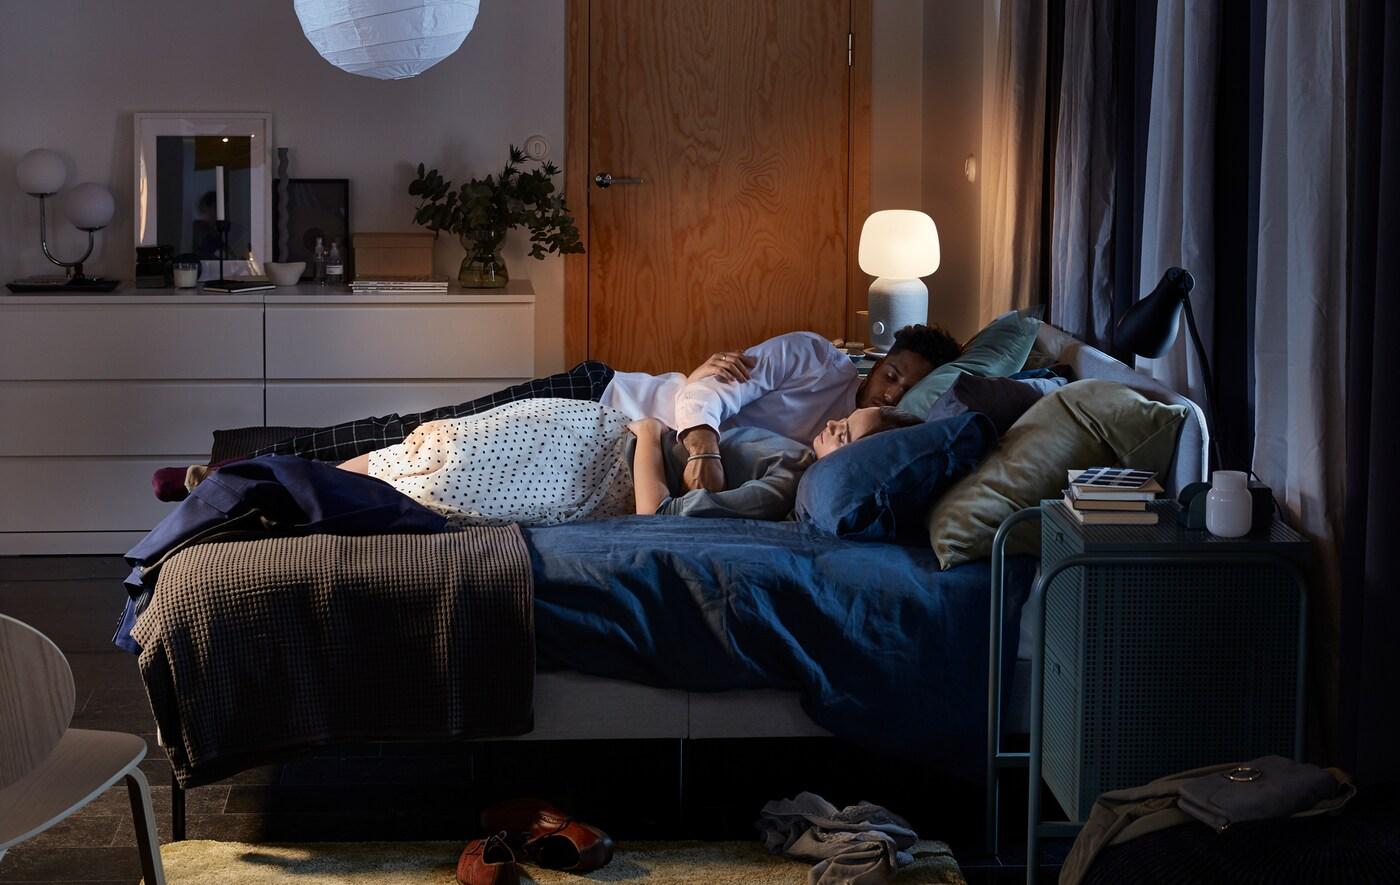 Ein Paar schläft in einem SLATTUM Bett mit blauer Bettwäsche, im Hintergrund ist eine SYMFONISK Leuchte und WiFi-Speaker zu sehen.